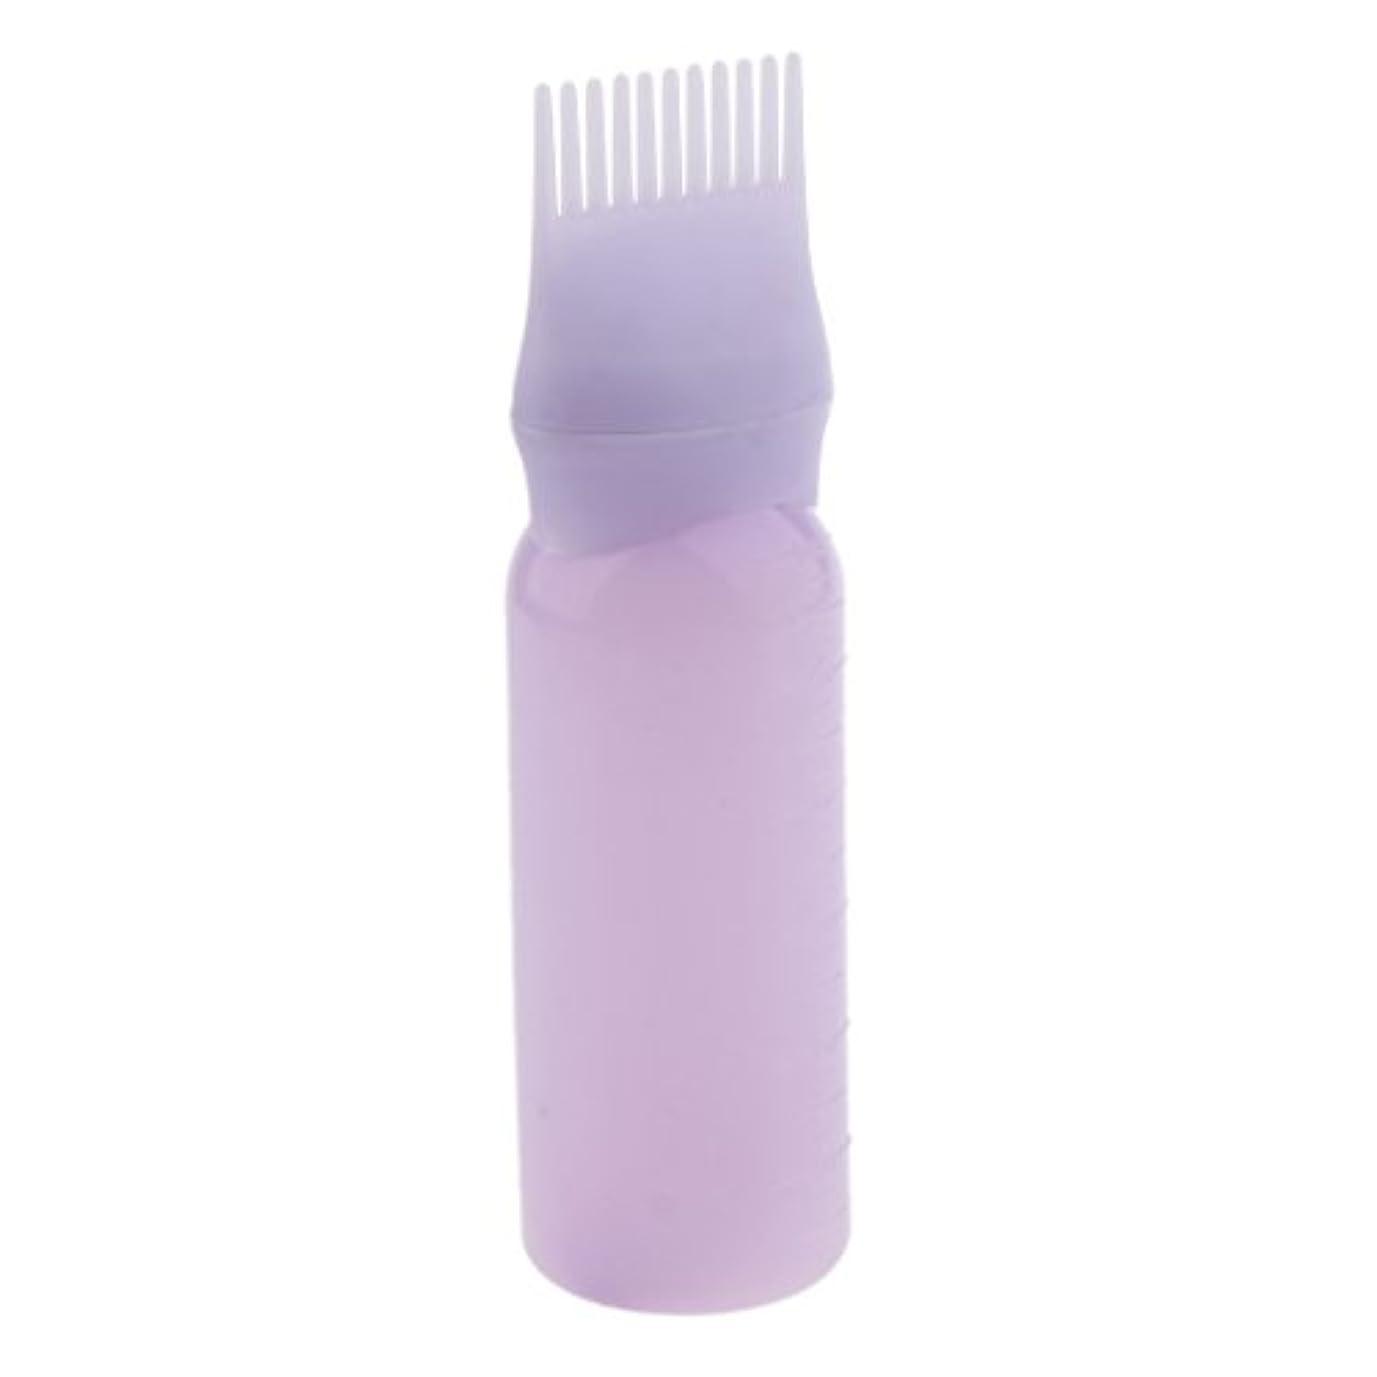 快適方法輸送ルートコーム ヘアダイボトルアプリケーター サロン ヘアカラー ディスペンサーブラシ 染料ボトル 染色櫛 全2色 - 紫